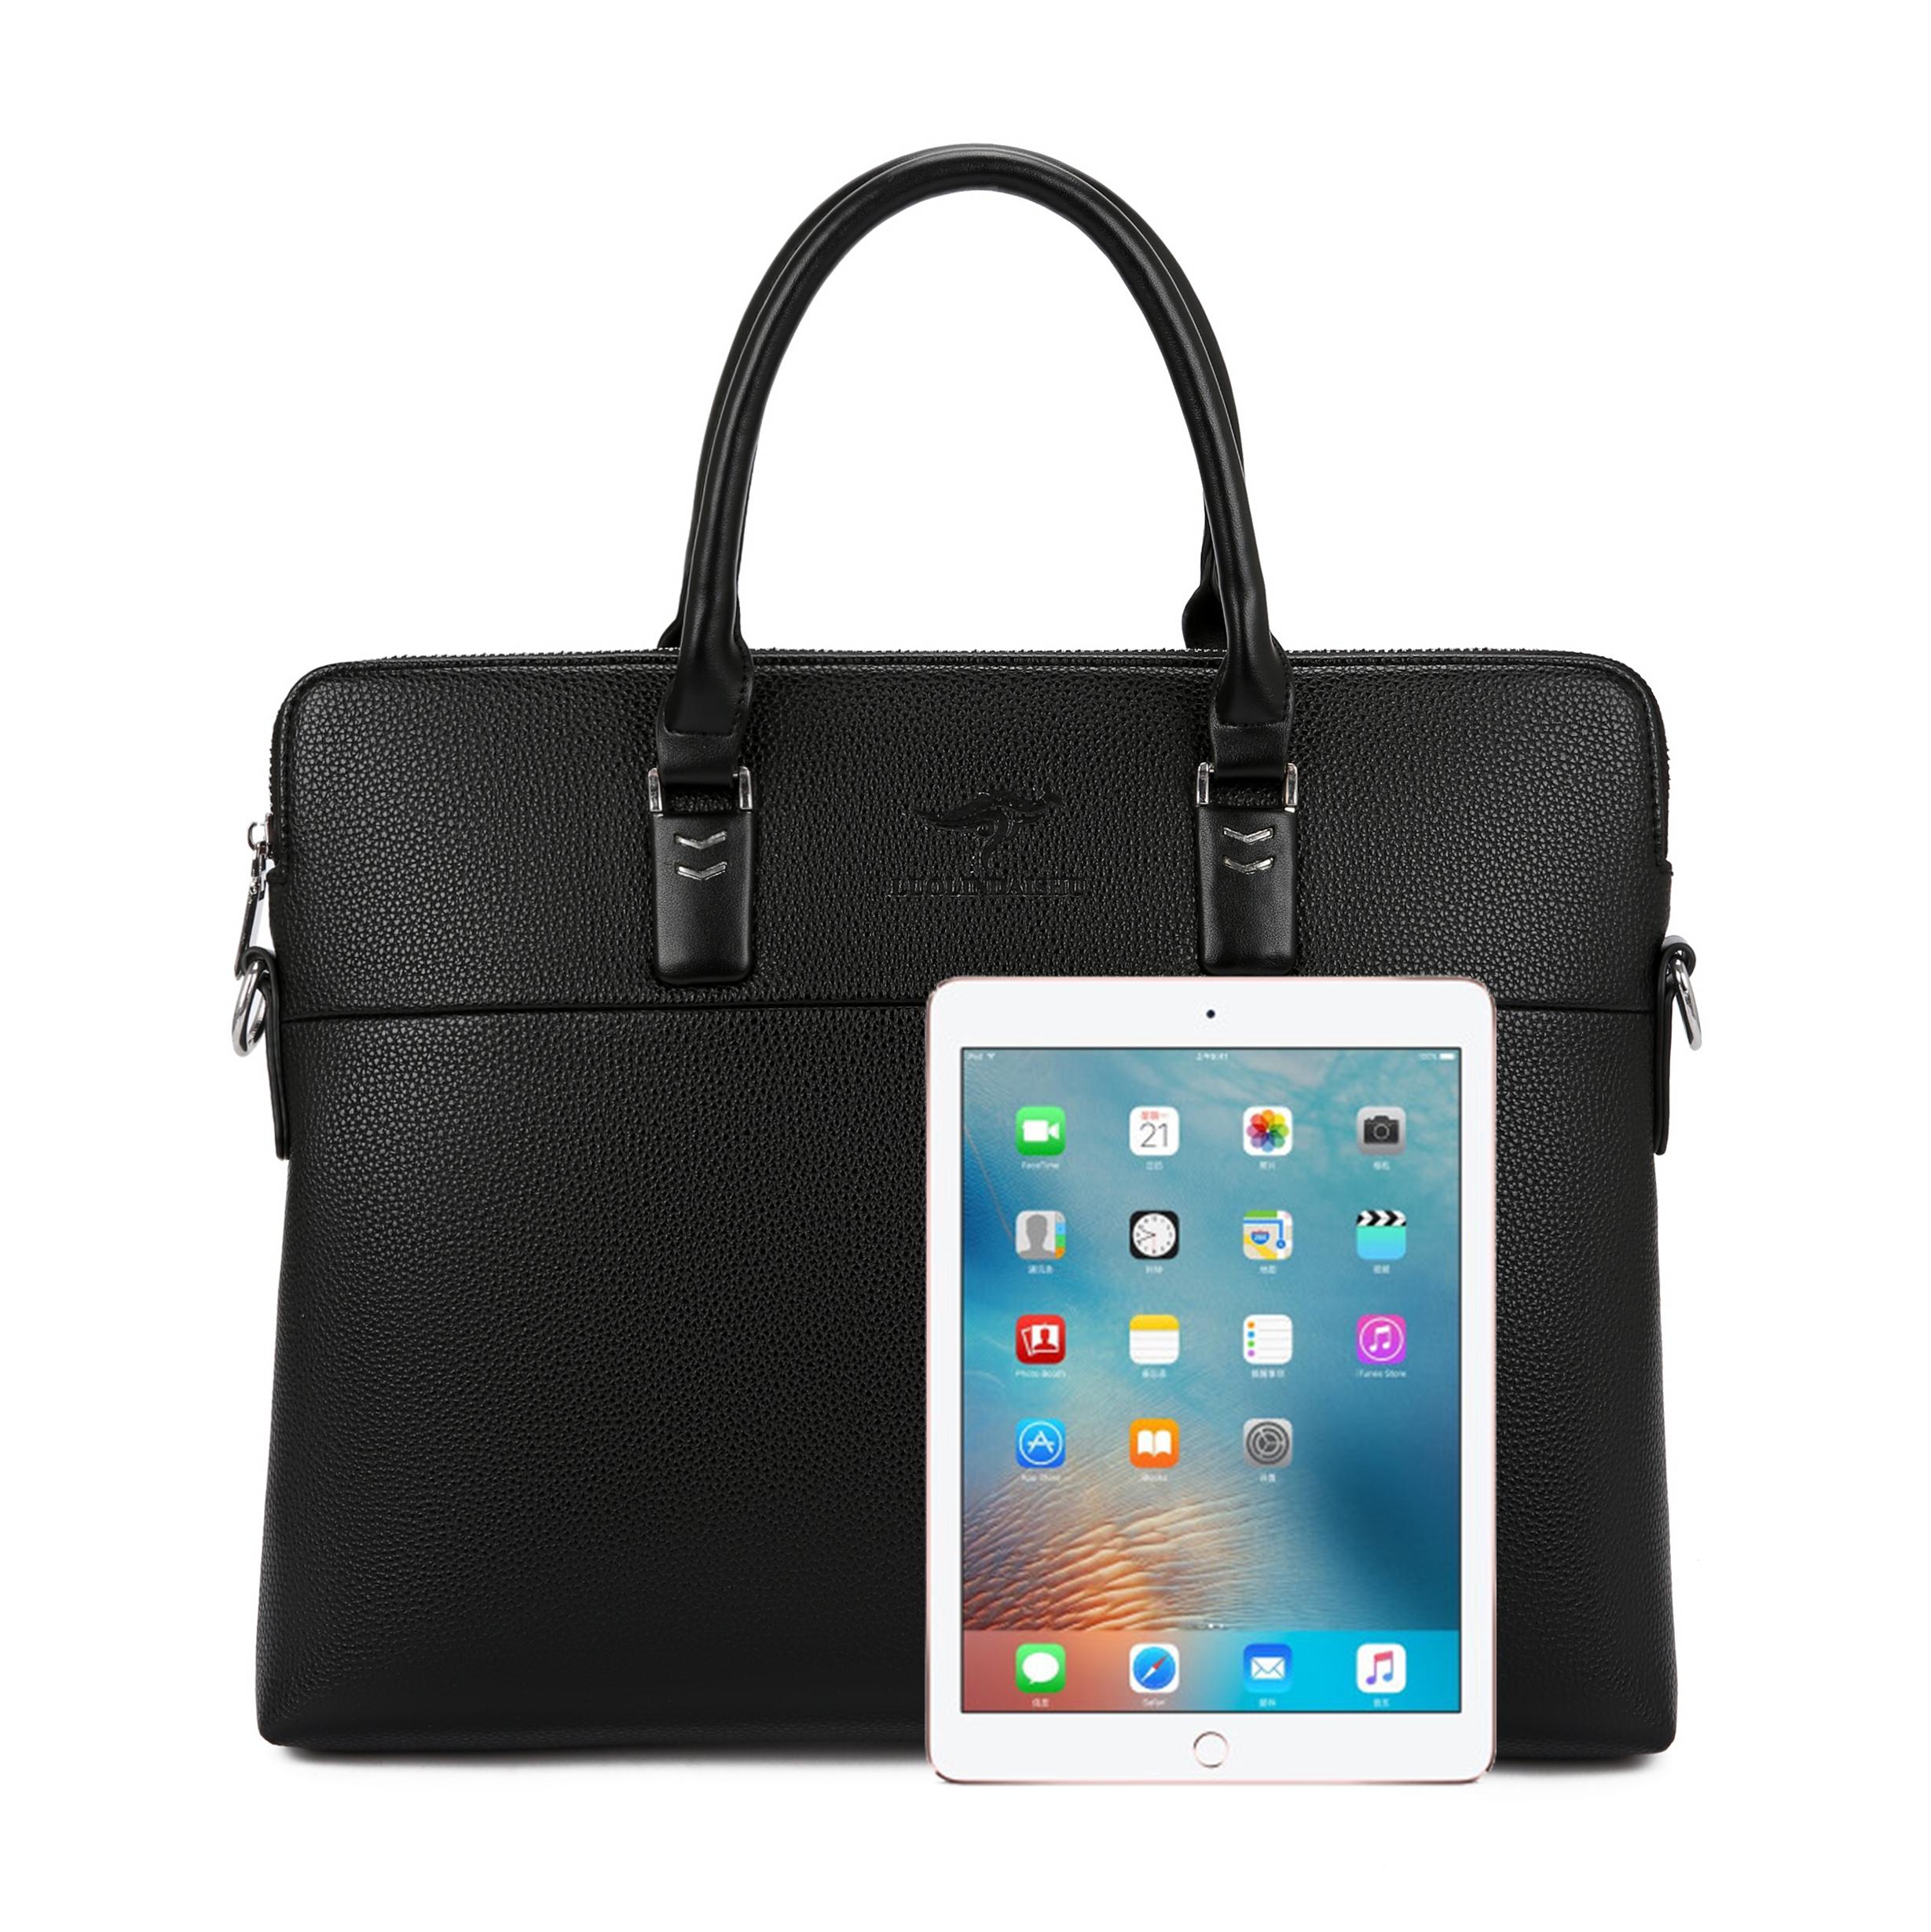 袋鼠男士新款手提包男士包包单肩斜挎韩版公文包商务休闲男款包潮